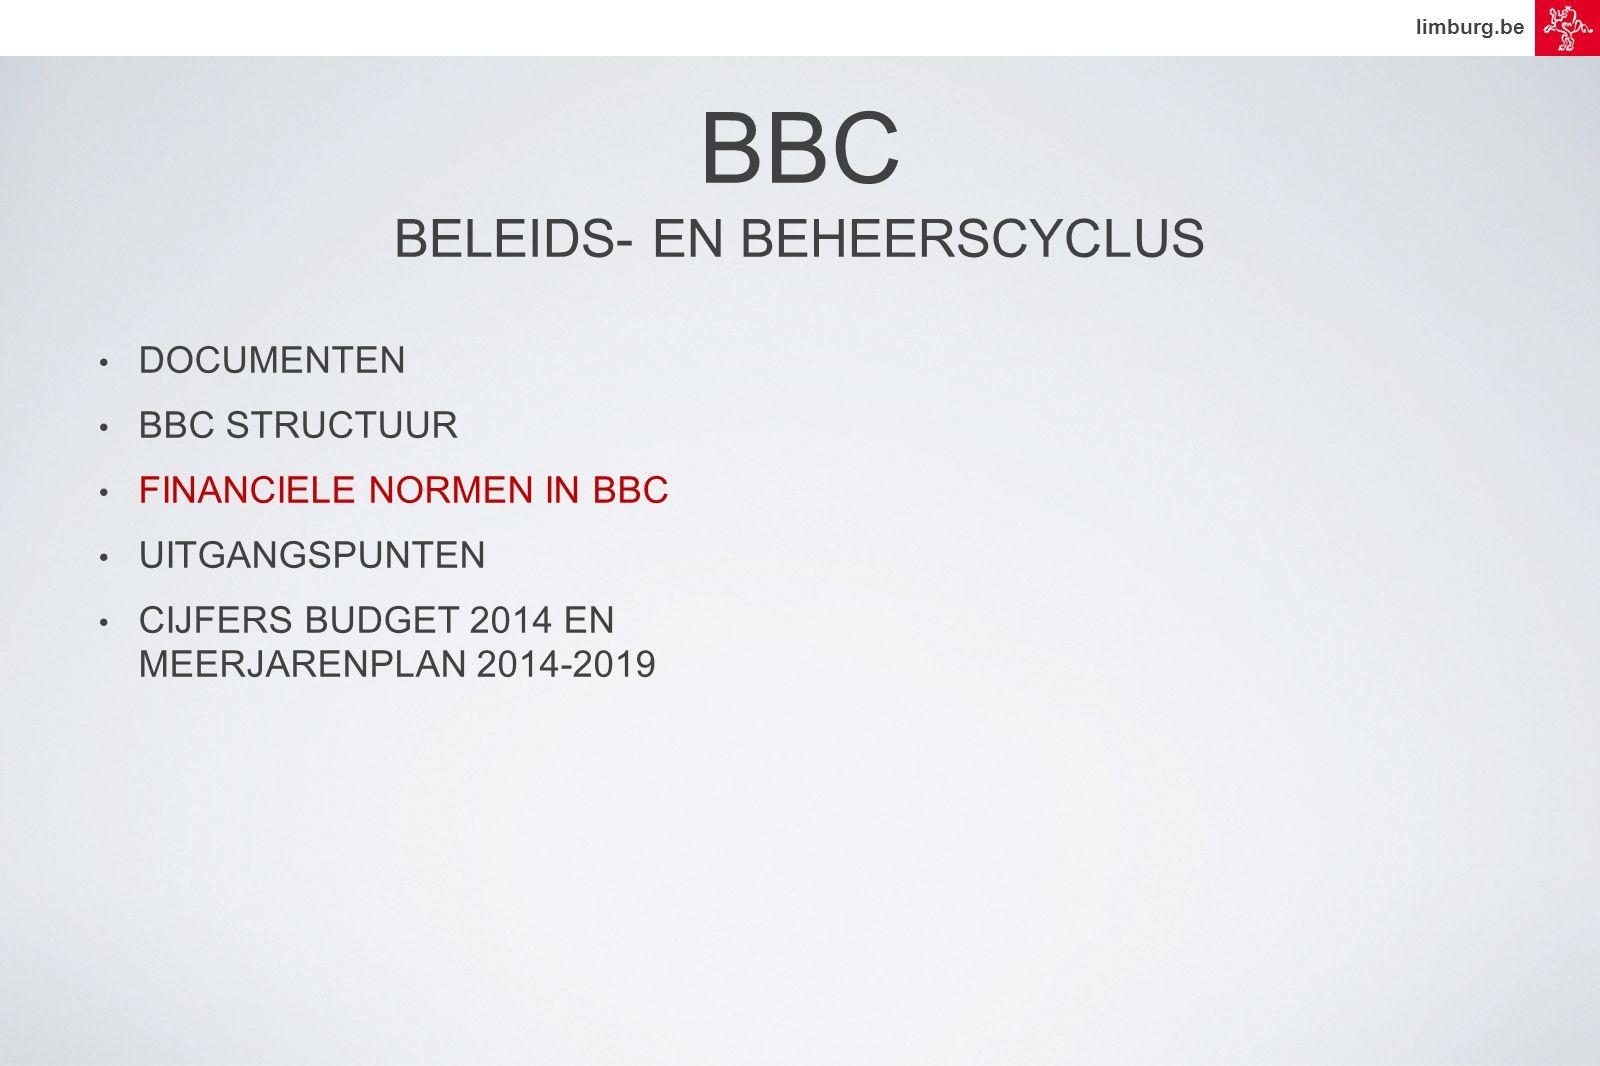 limburg.be • DOCUMENTEN • BBC STRUCTUUR • FINANCIELE NORMEN IN BBC • UITGANGSPUNTEN • CIJFERS BUDGET 2014 EN MEERJARENPLAN 2014-2019 BBC BELEIDS- EN BEHEERSCYCLUS